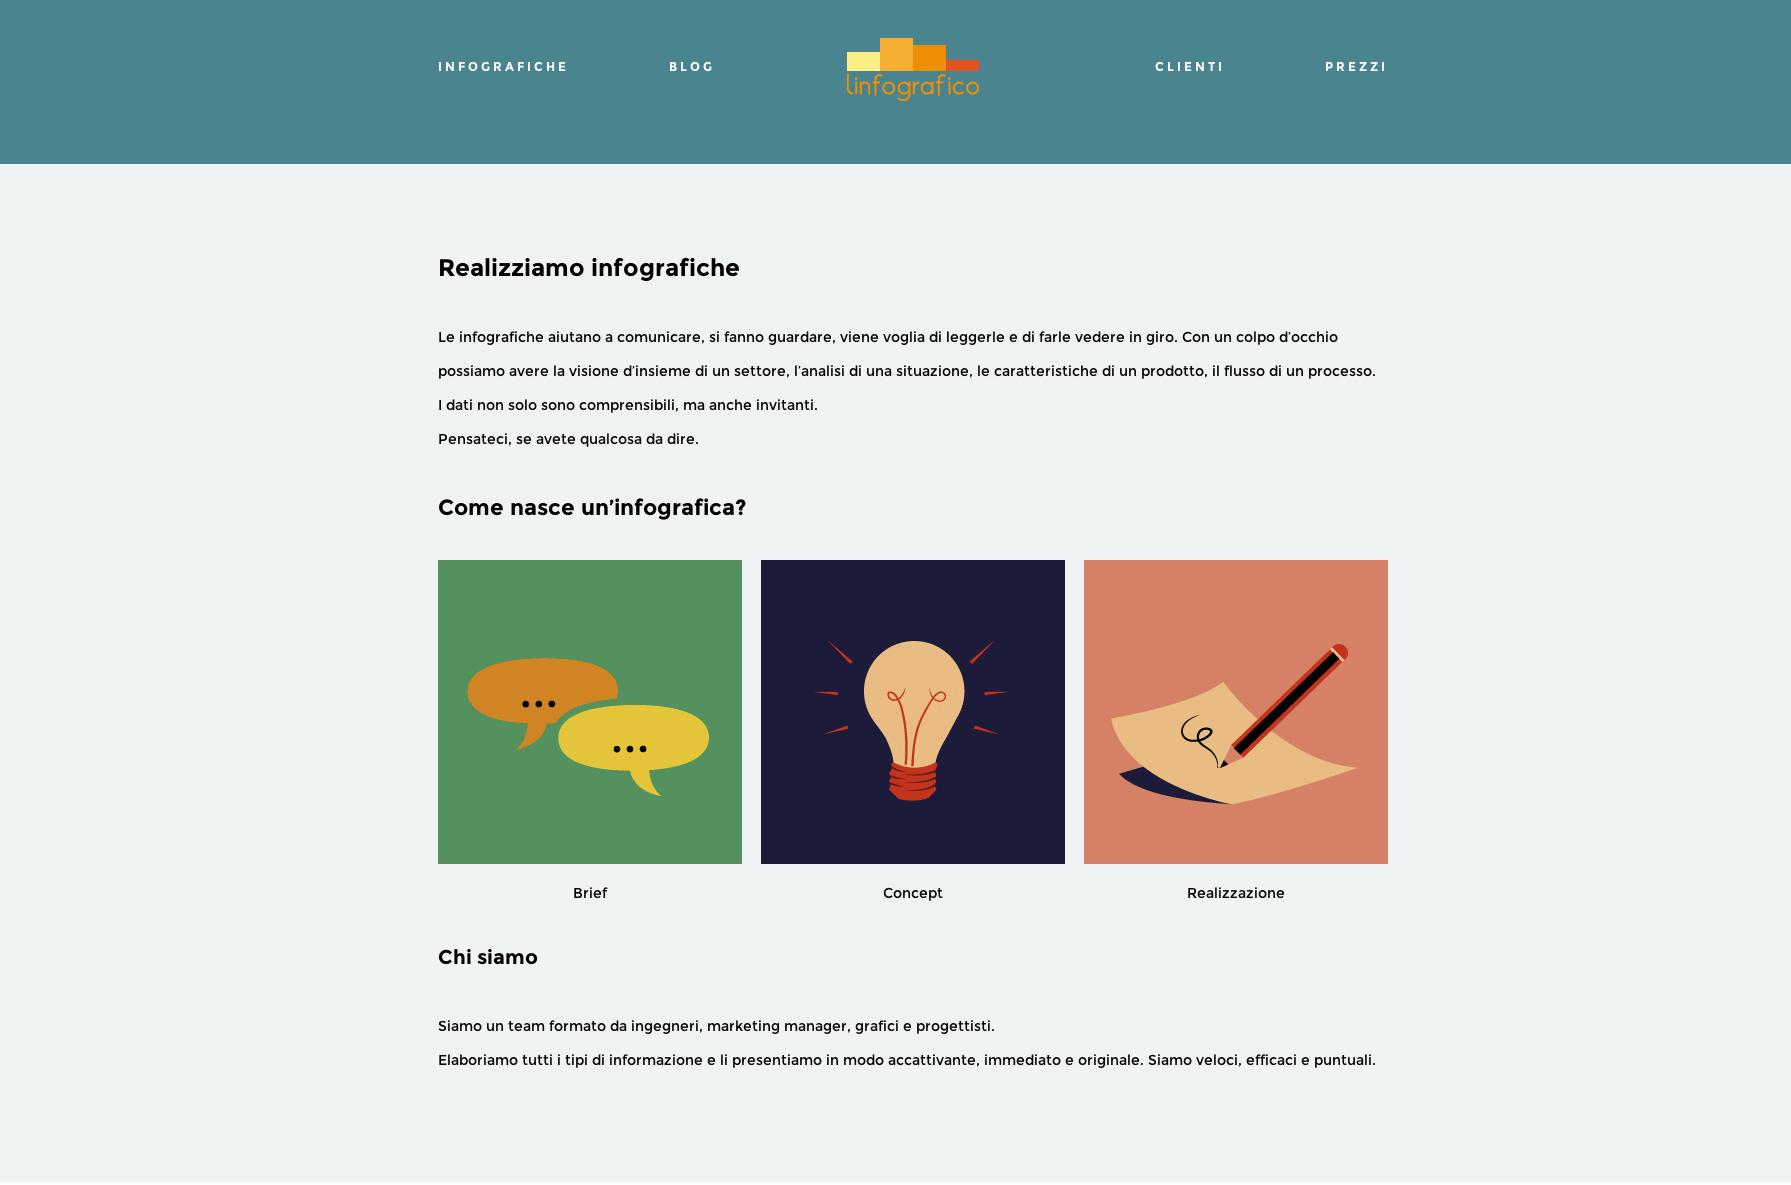 home sito linfografico 2014